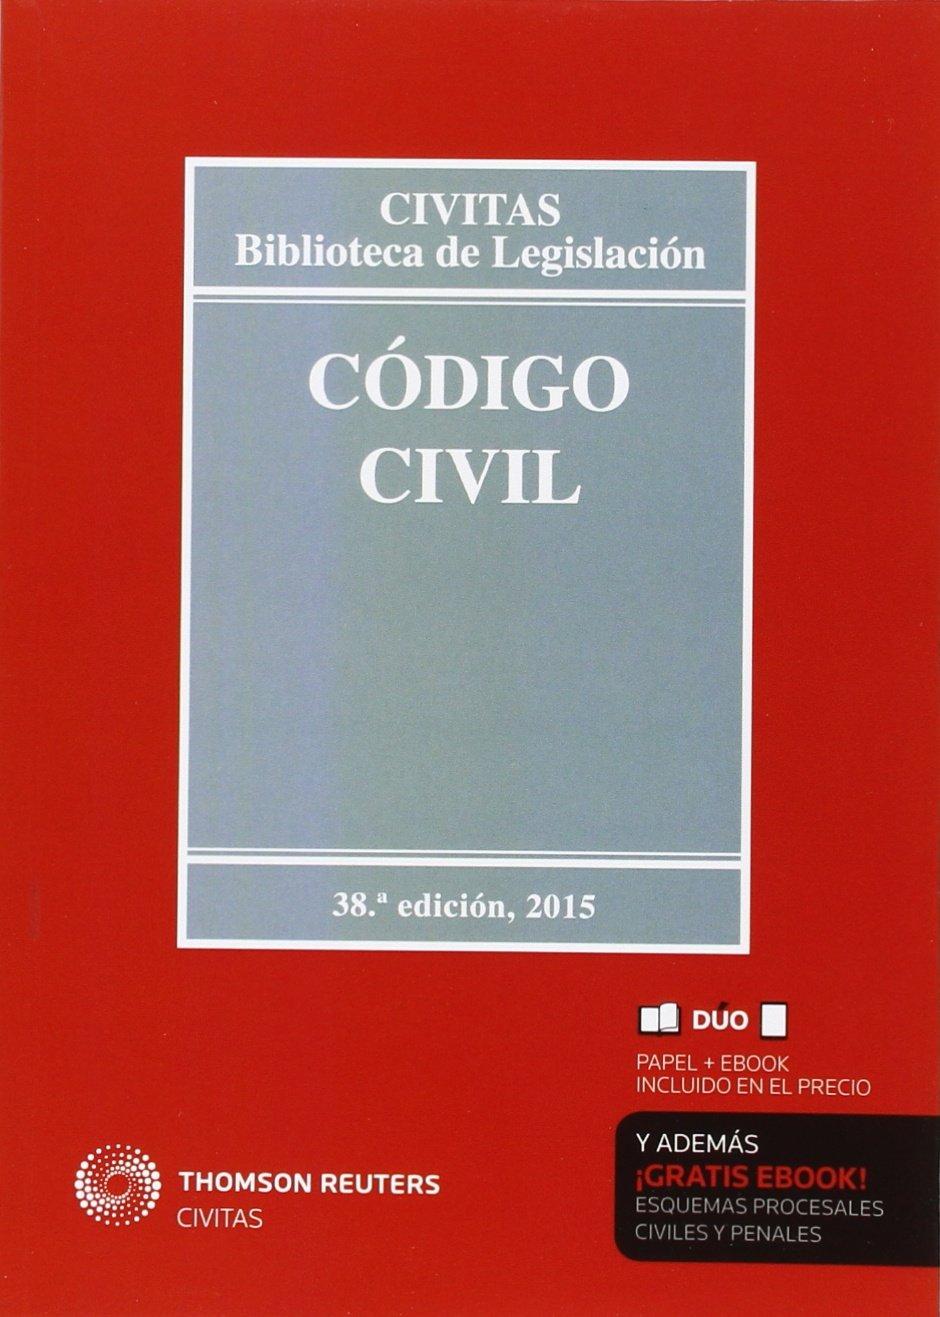 Código Civil (Biblioteca de Legislación): Amazon.es: Pajares Giménez, José Antonio: Libros